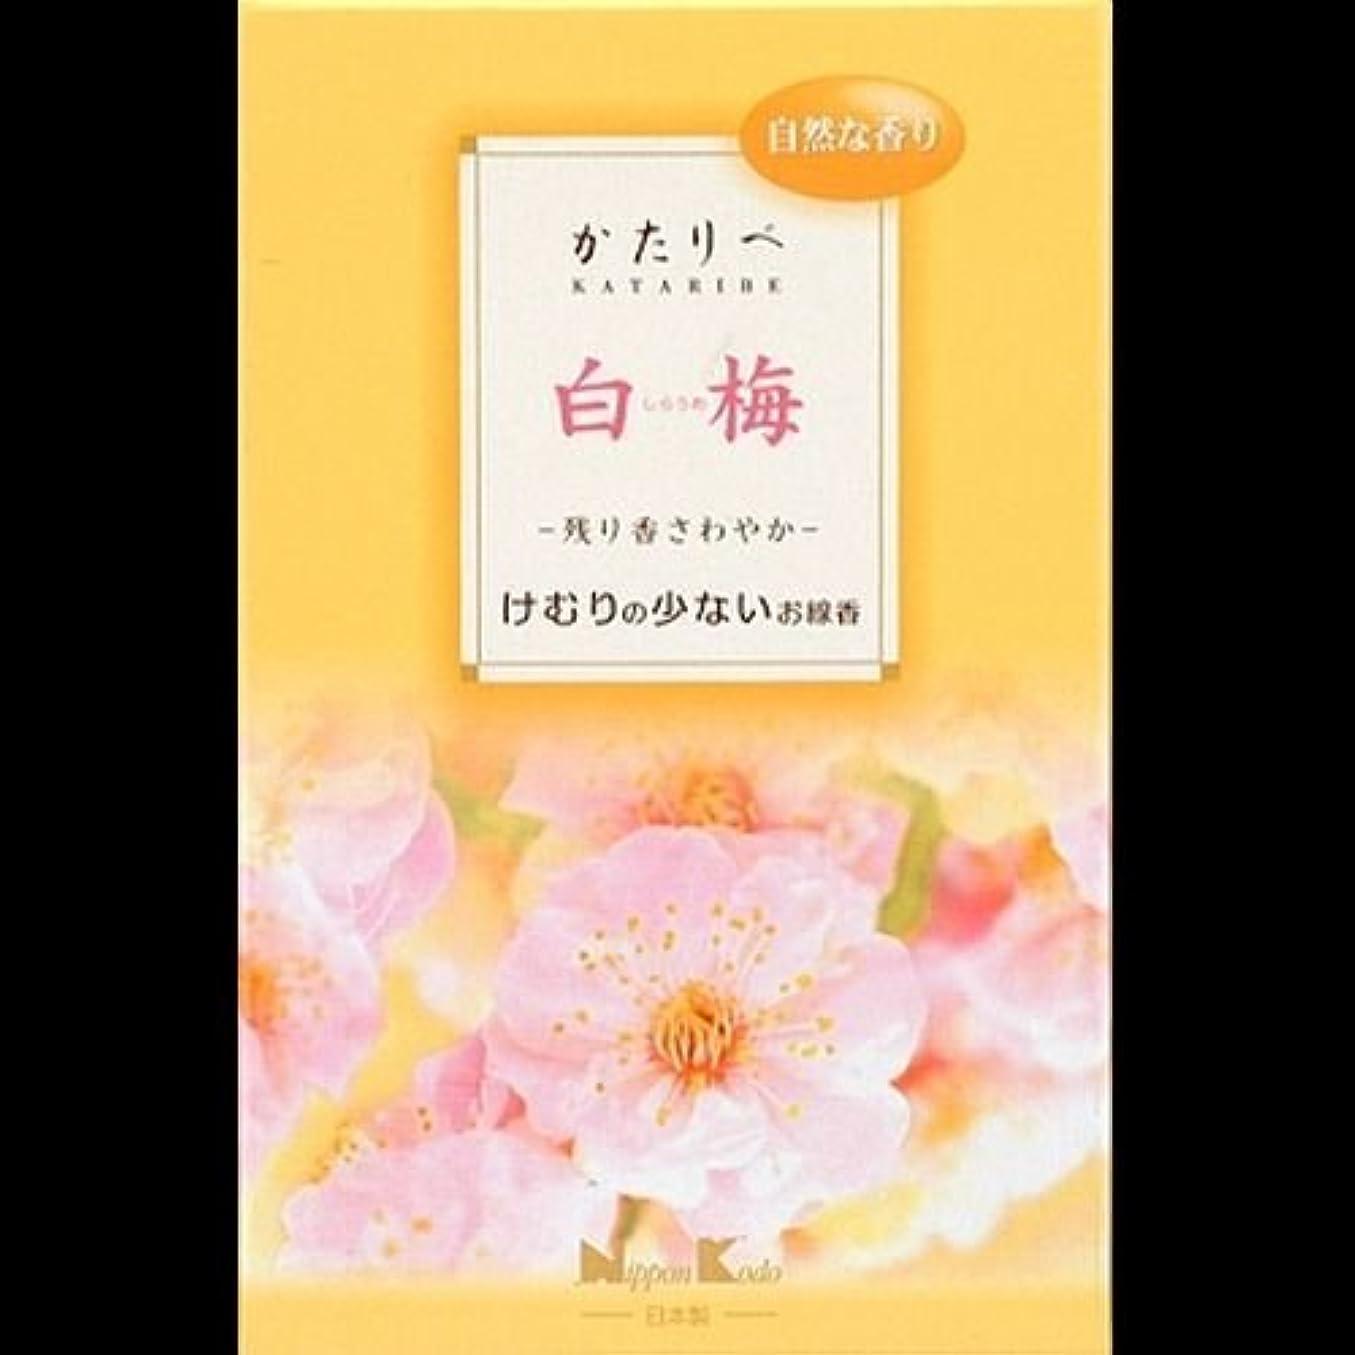 難しいシチリア水曜日【まとめ買い】かたりべ 白梅 大型バラ詰 ×2セット